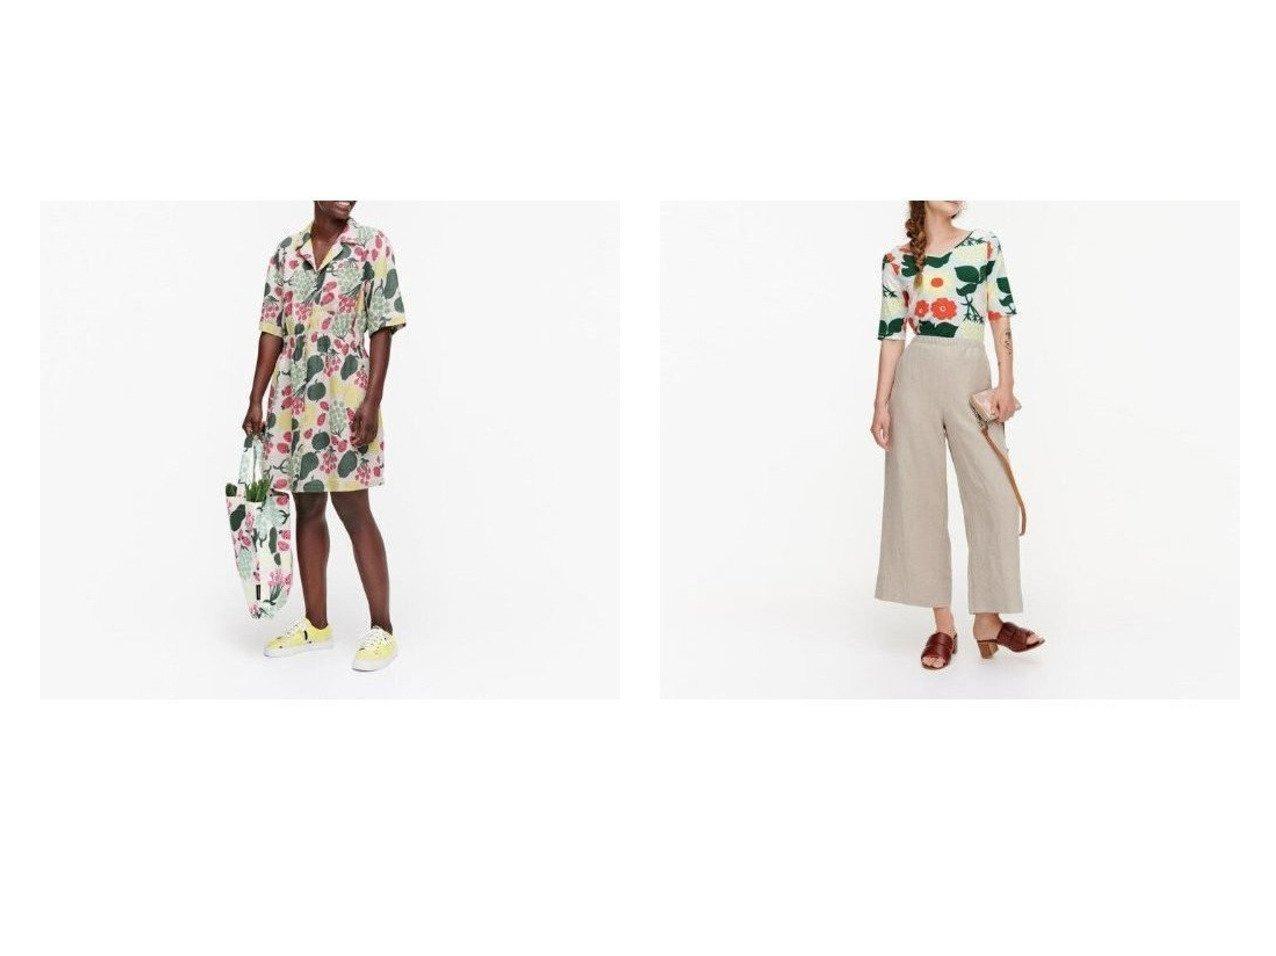 【marimekko/マリメッコ】のHerkku Pieni Tori ワンピース&Marssi パンツ おすすめ!人気トレンド・レディースファッション通販 おすすめで人気の流行・トレンド、ファッションの通販商品 インテリア・家具・メンズファッション・キッズファッション・レディースファッション・服の通販 founy(ファニー) https://founy.com/ ファッション Fashion レディースファッション WOMEN ワンピース Dress シャツワンピース Shirt Dresses パンツ Pants ポケット サマー シンプル ベーシック ワイド |ID:crp329100000044024